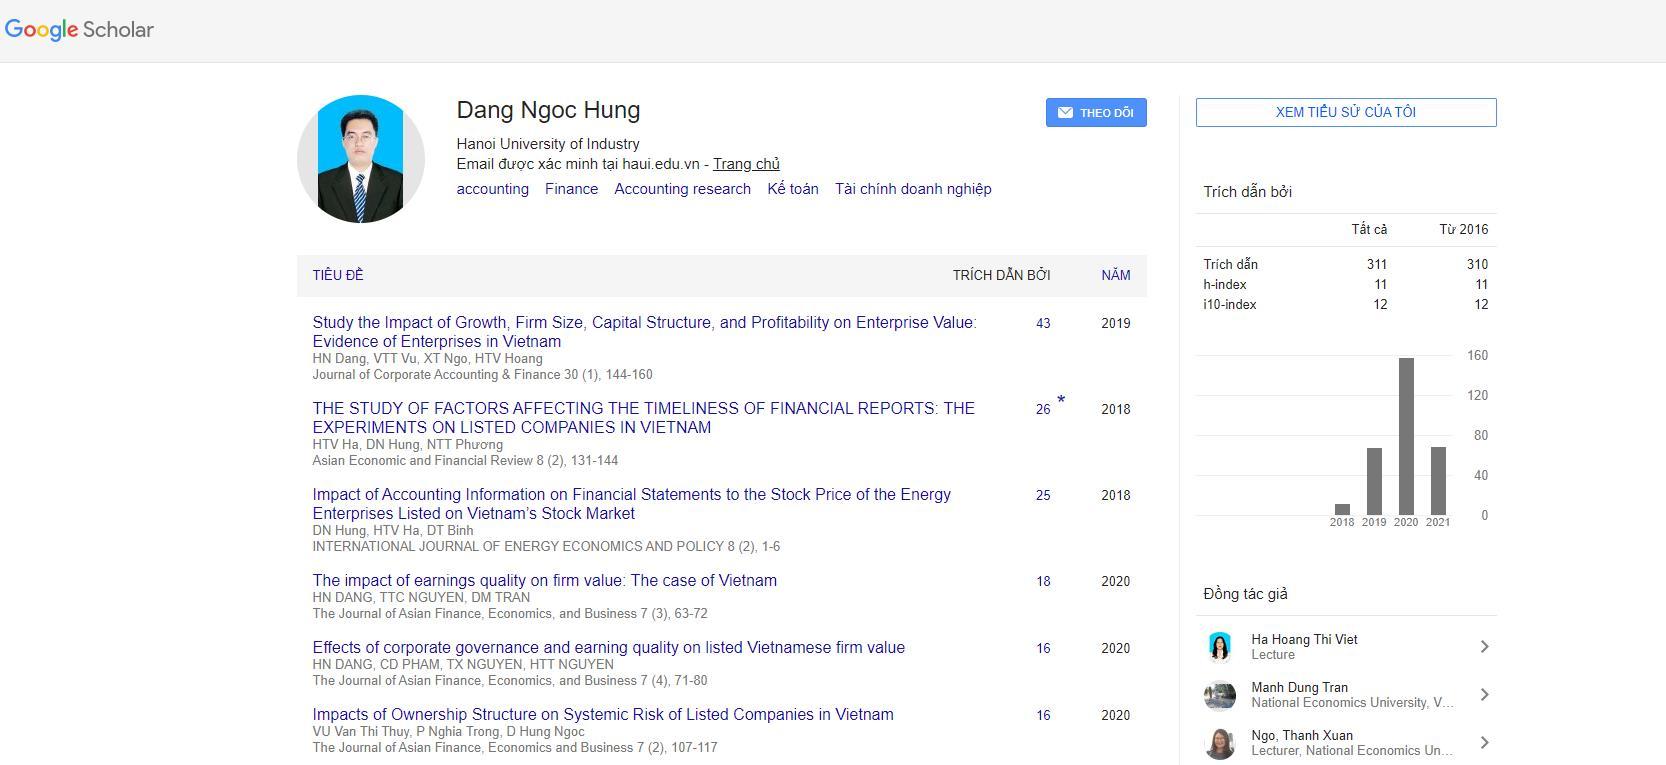 Các công bố của PGS.TS. Đặng Ngọc Hùng đăng tải trên Google Scholar